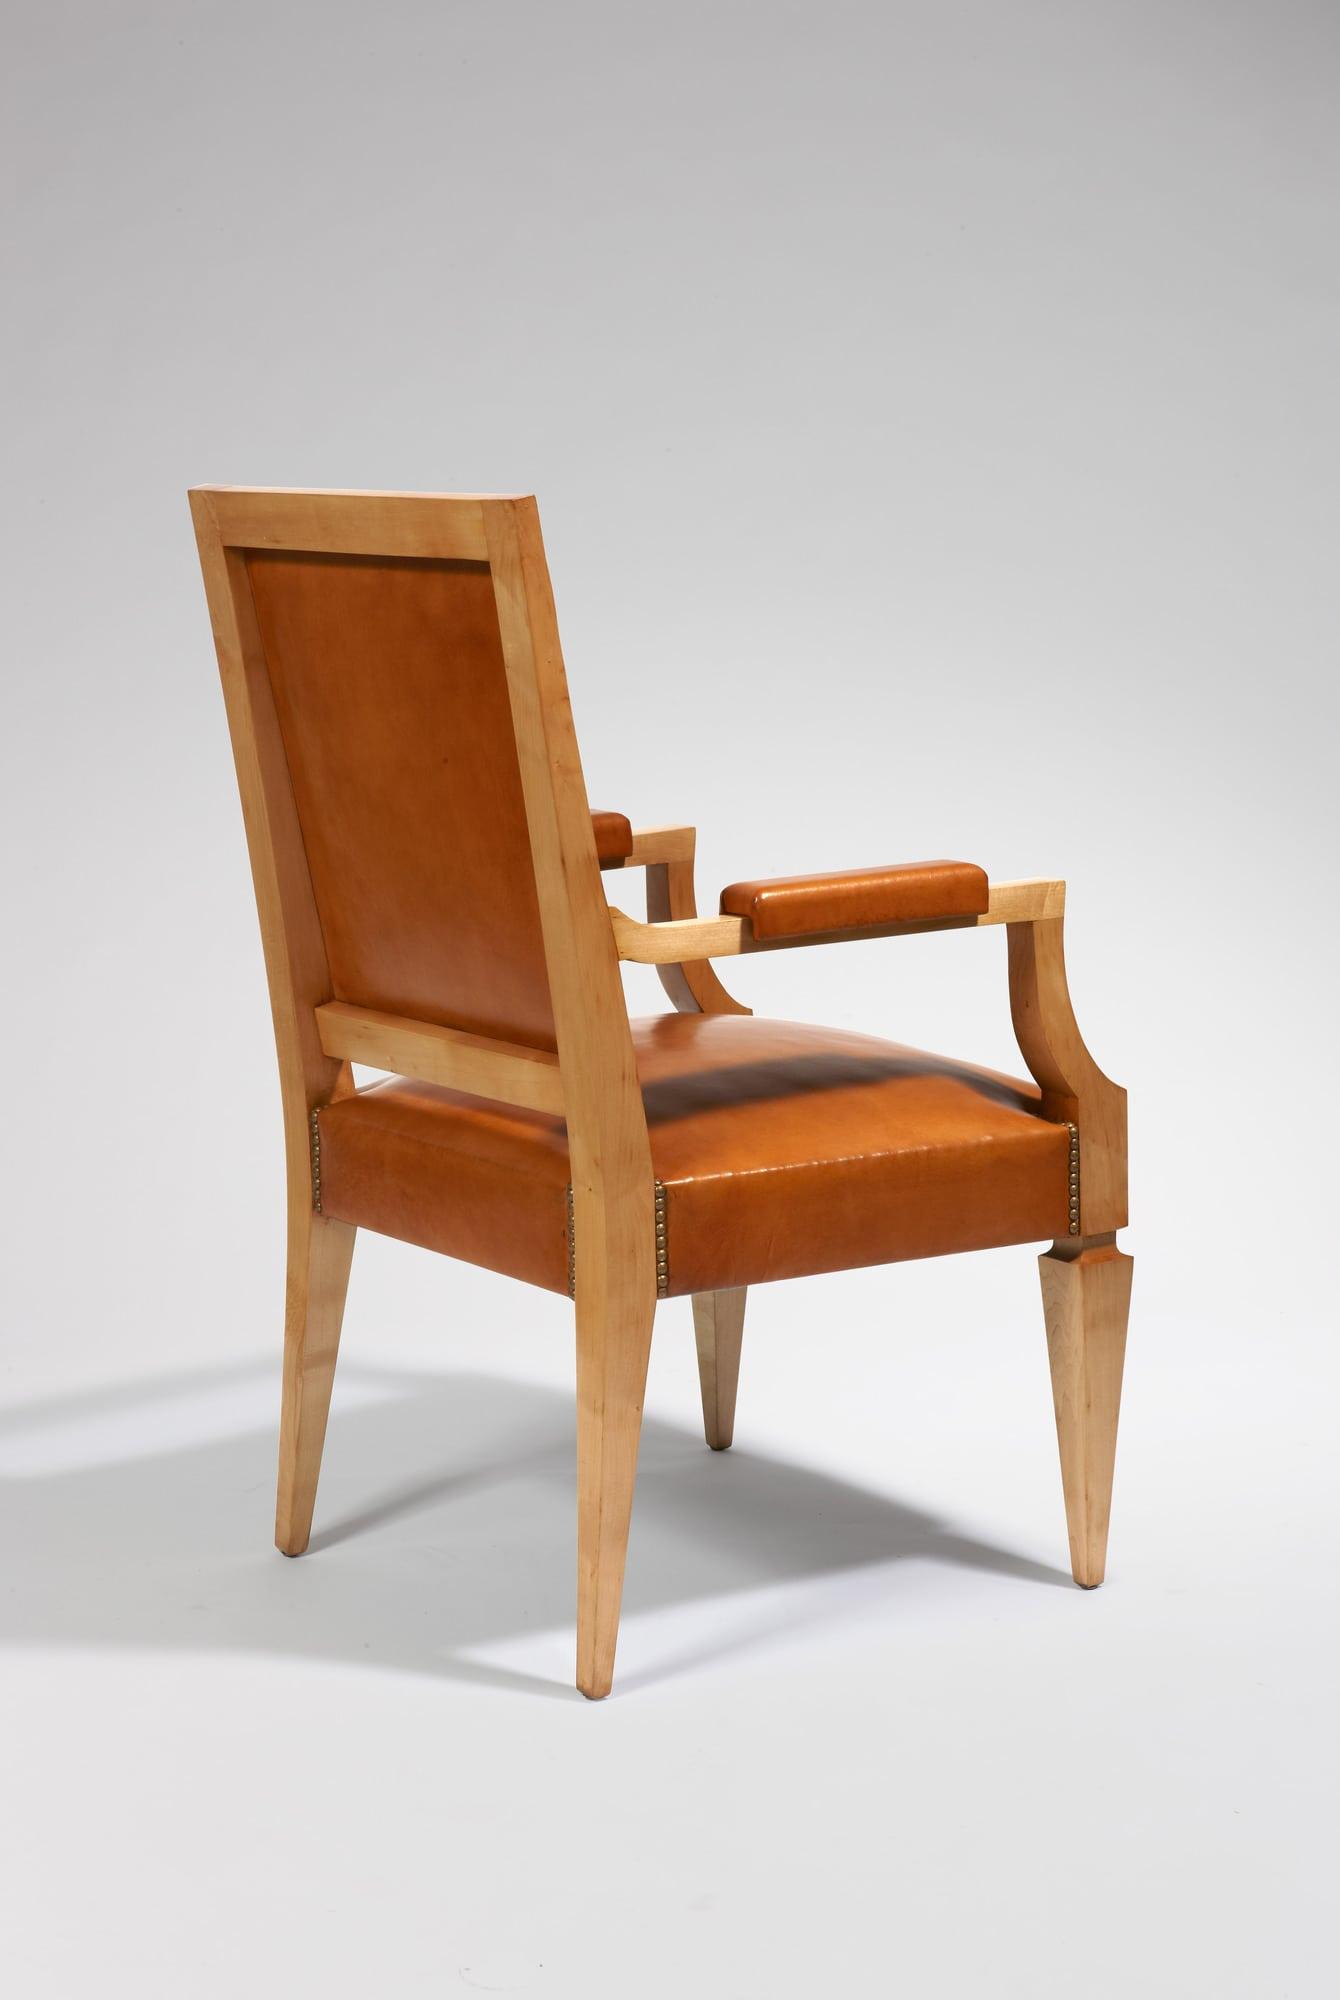 Bureau et son fauteuil, vue 05